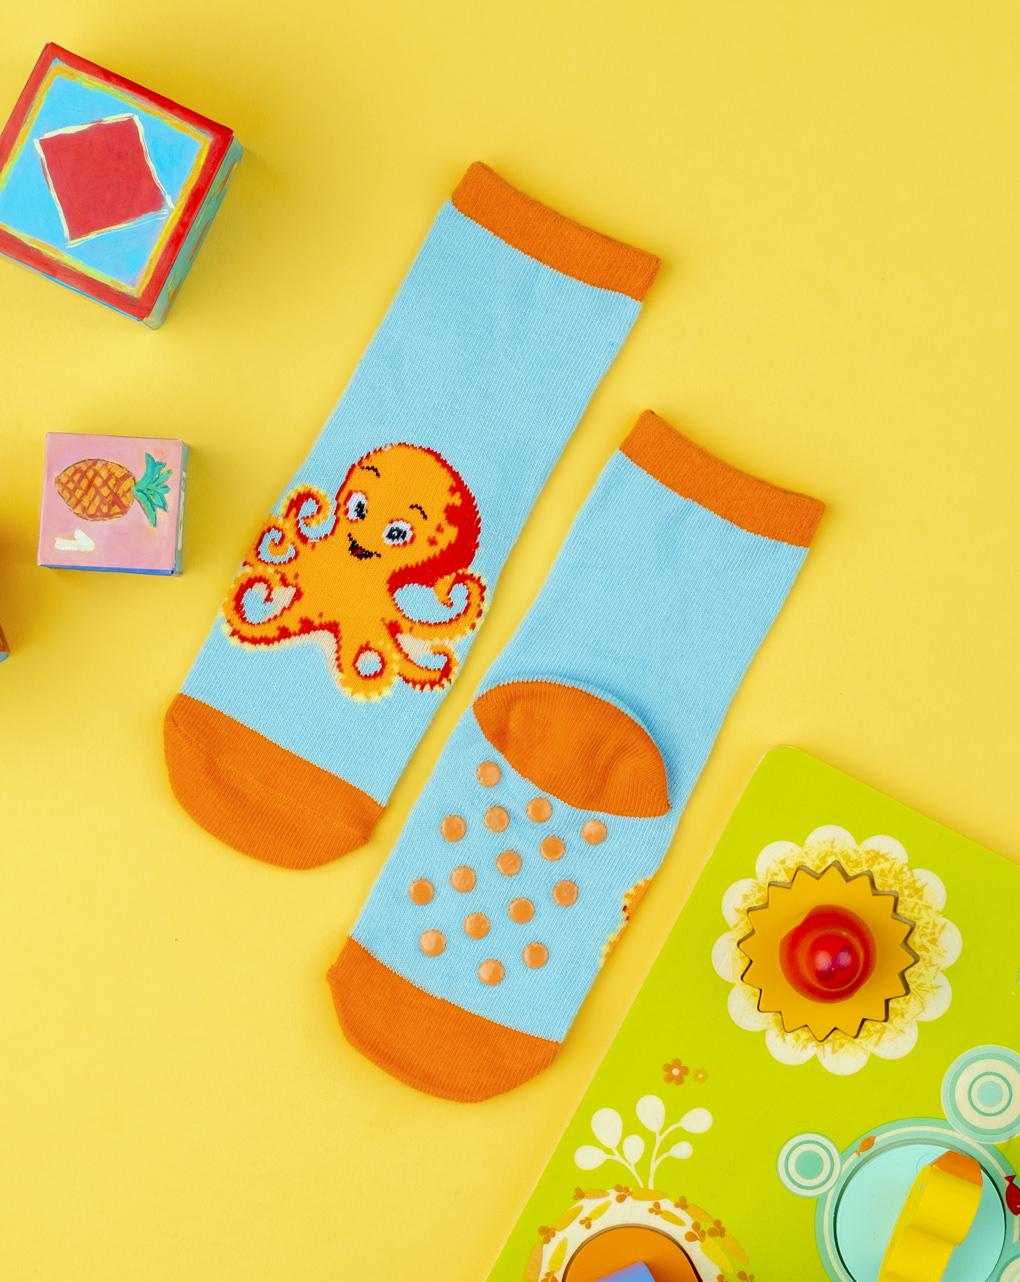 Κάλτσες Αντιολισθητικές με Ζώα της Θάλασσας για Αγόρι